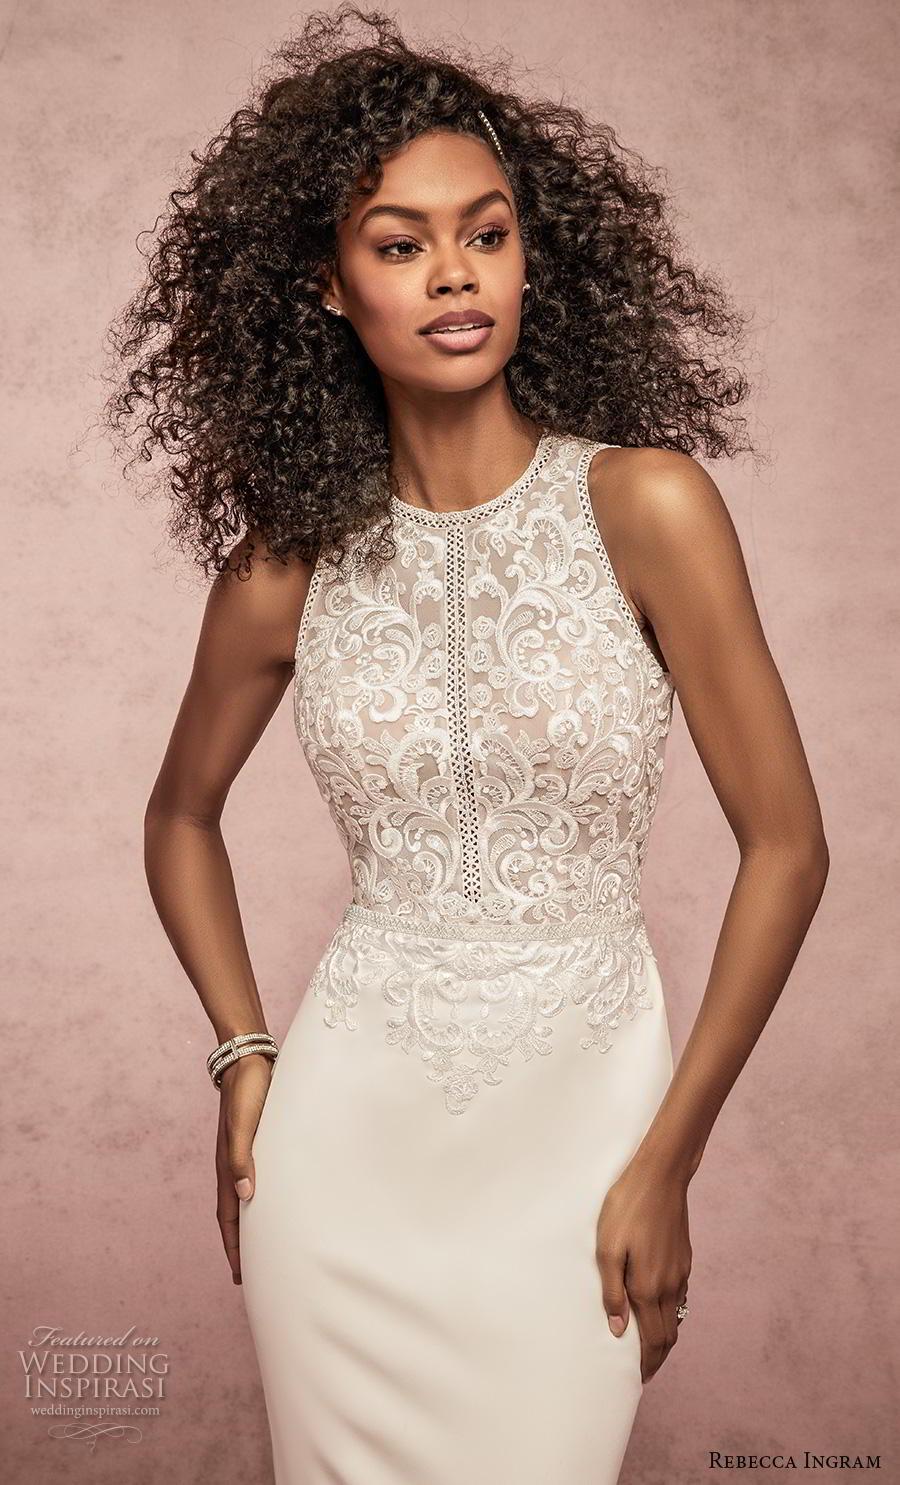 rebecca ingram s2019 bridal sleeveless halter neck heavily embellished bodice elegant fit and flare sheath wedding dress keyhole back medium train (14) zv